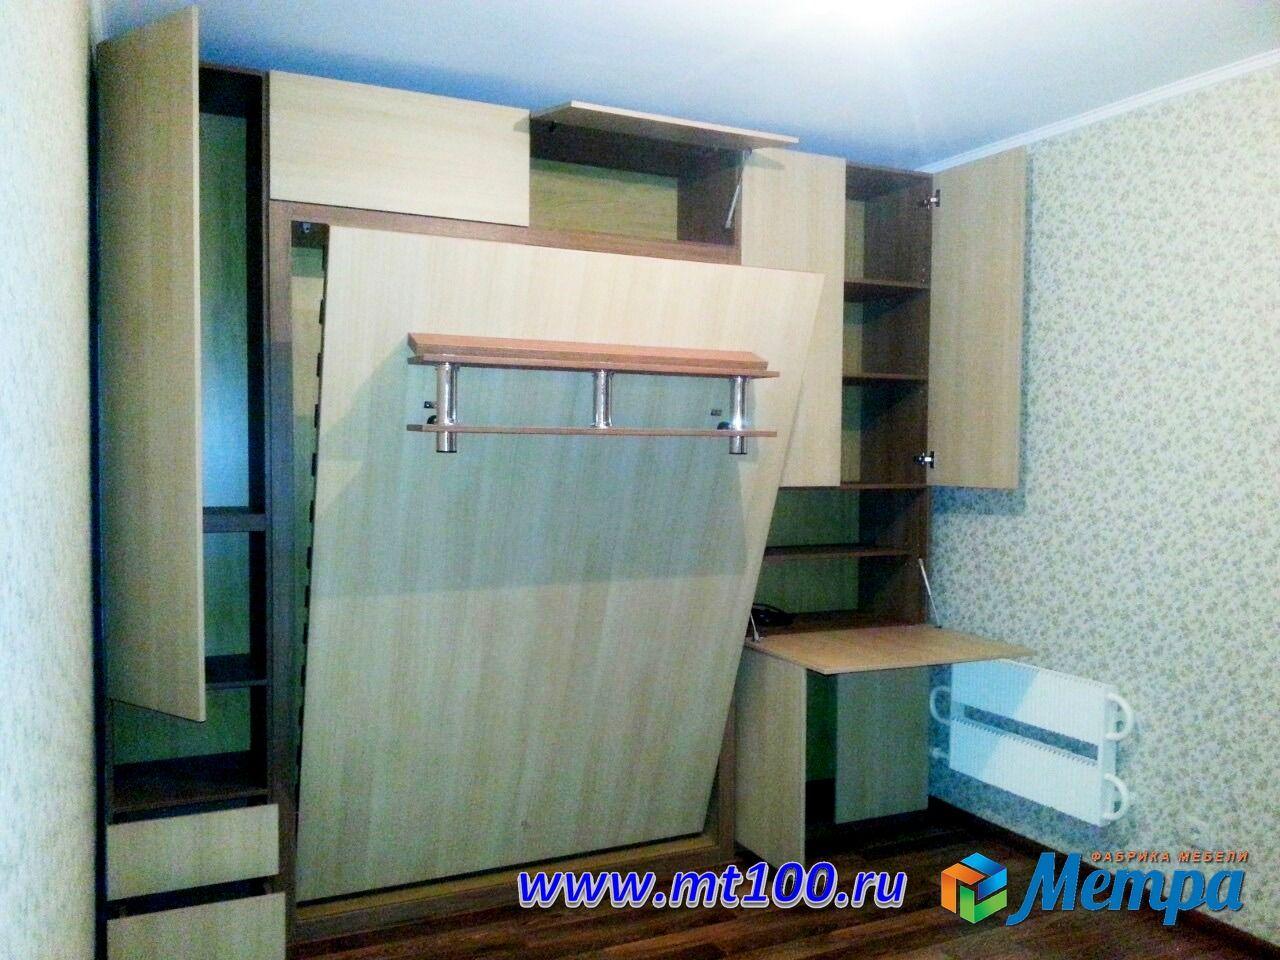 откидная шкаф кровать со столом секретером мебельтрансформе